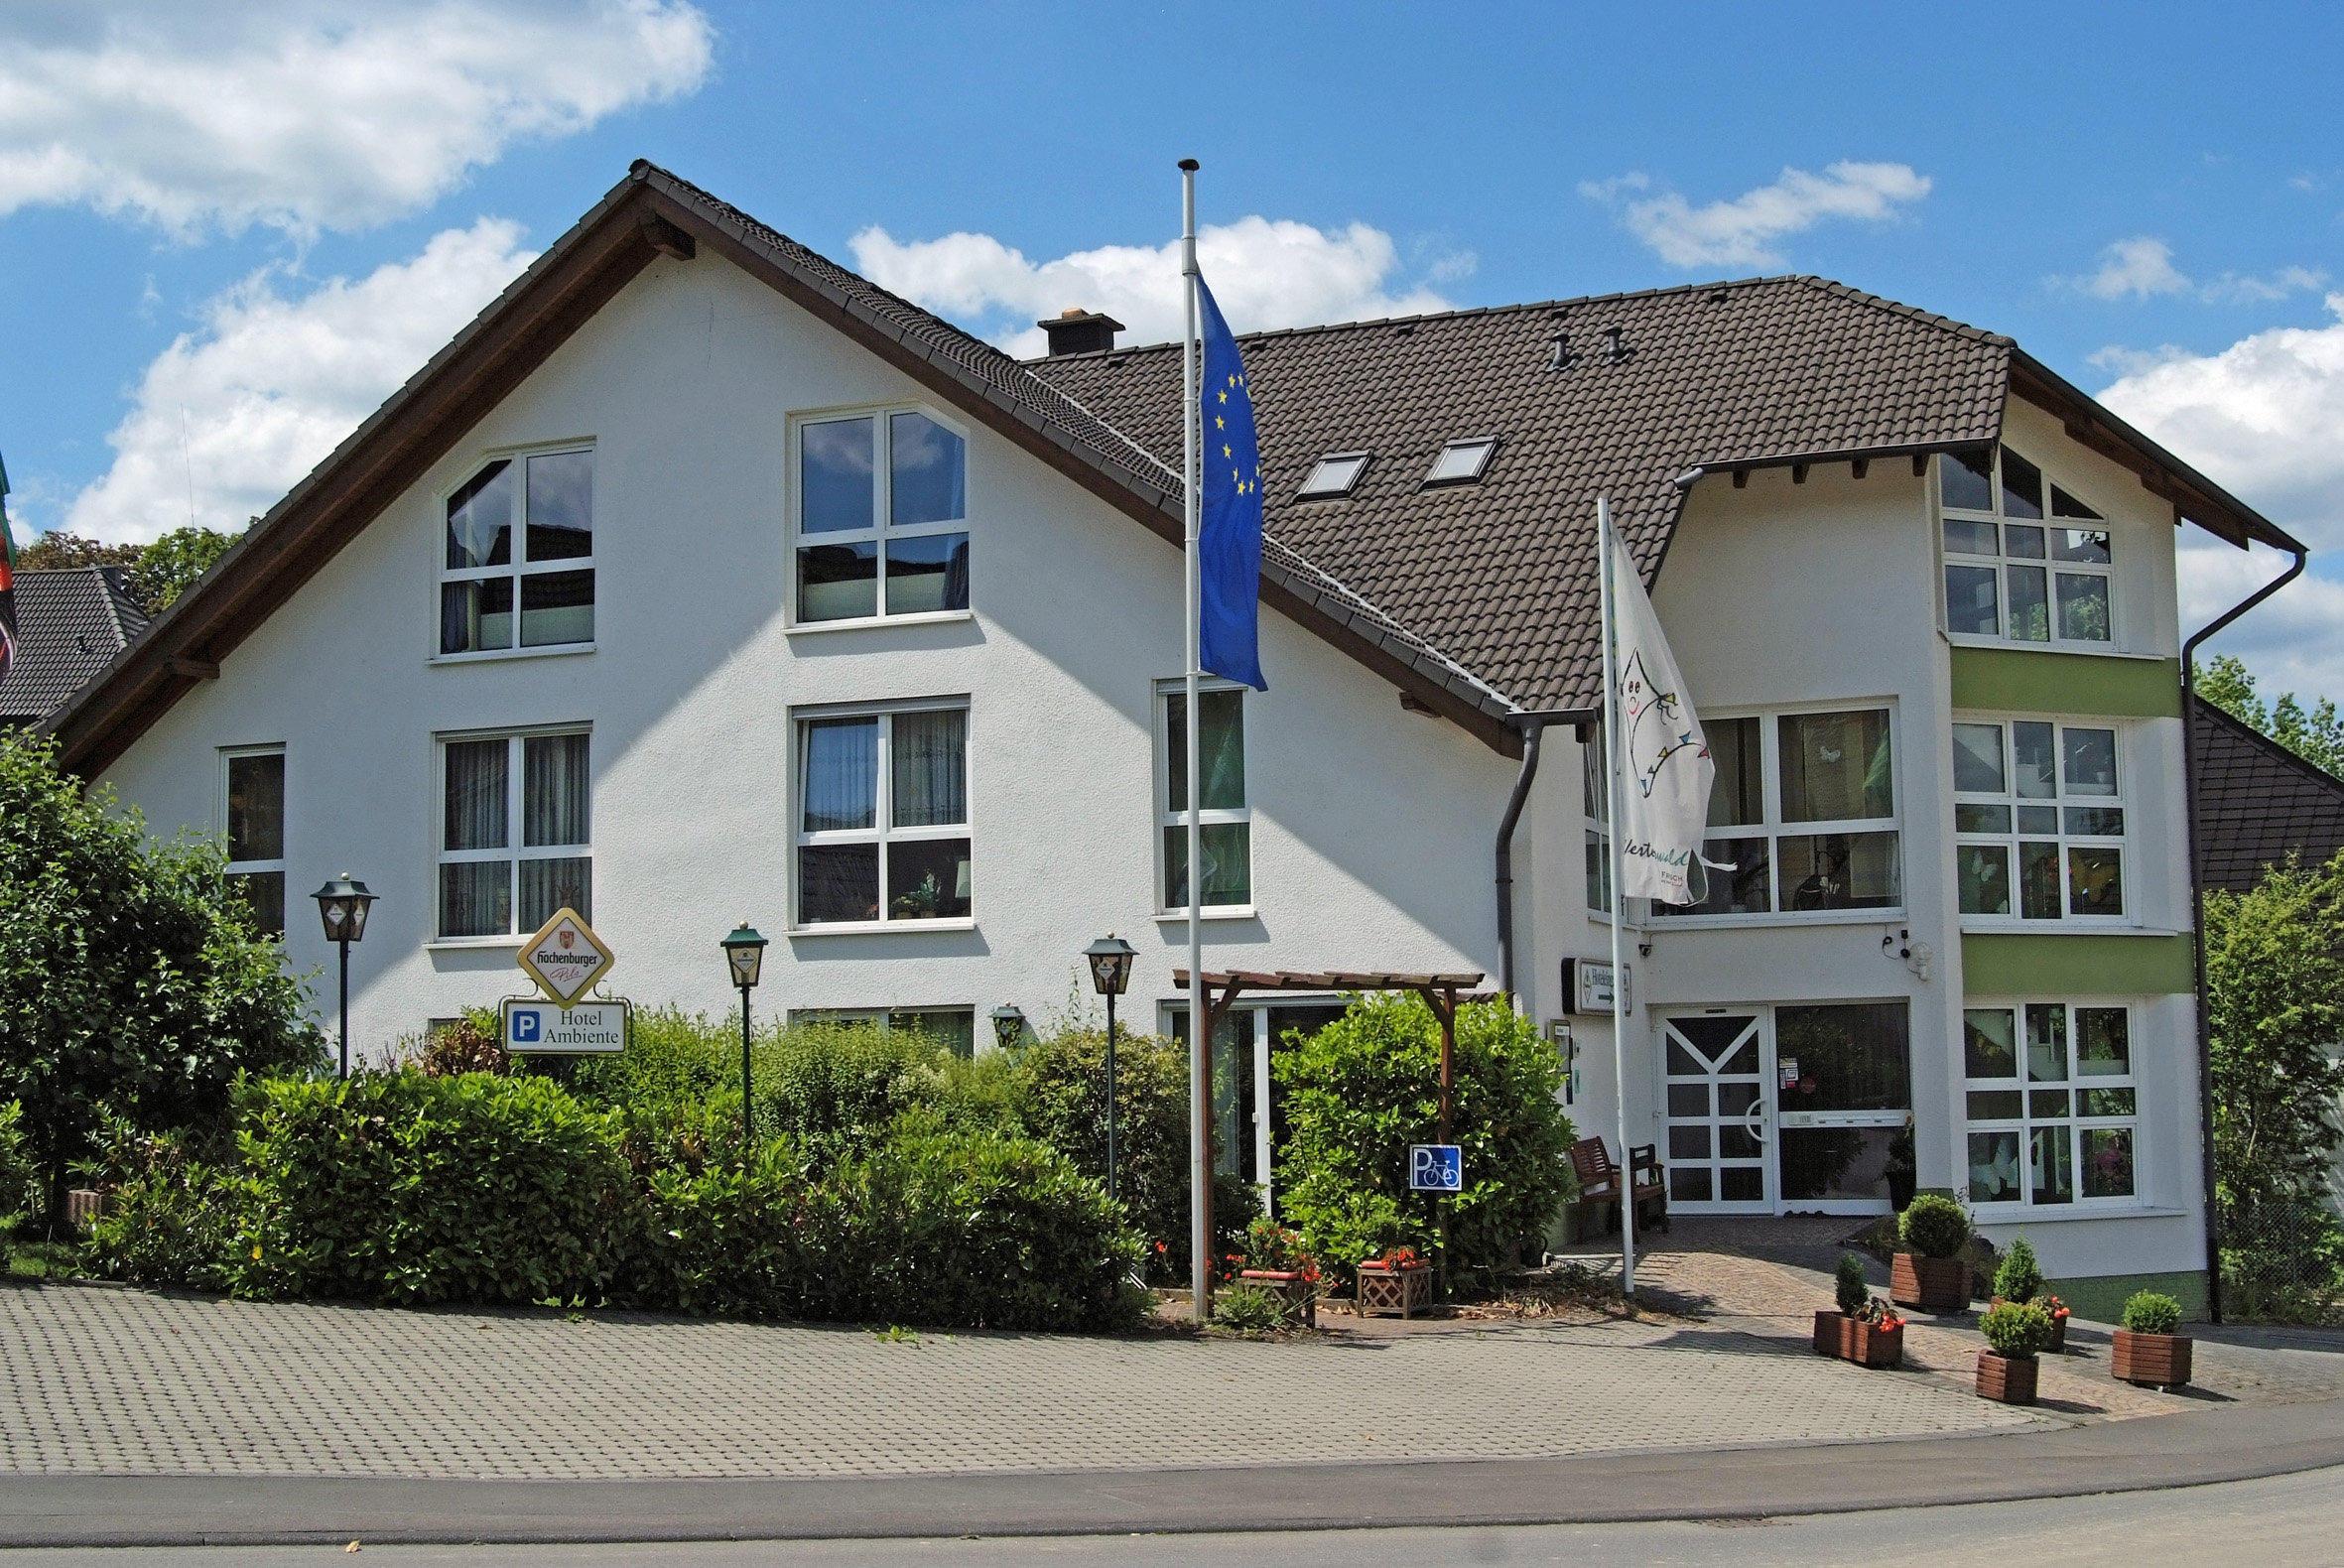 hotel ambiente in wissen holidaycheck rheinland pfalz On hotel ambiente